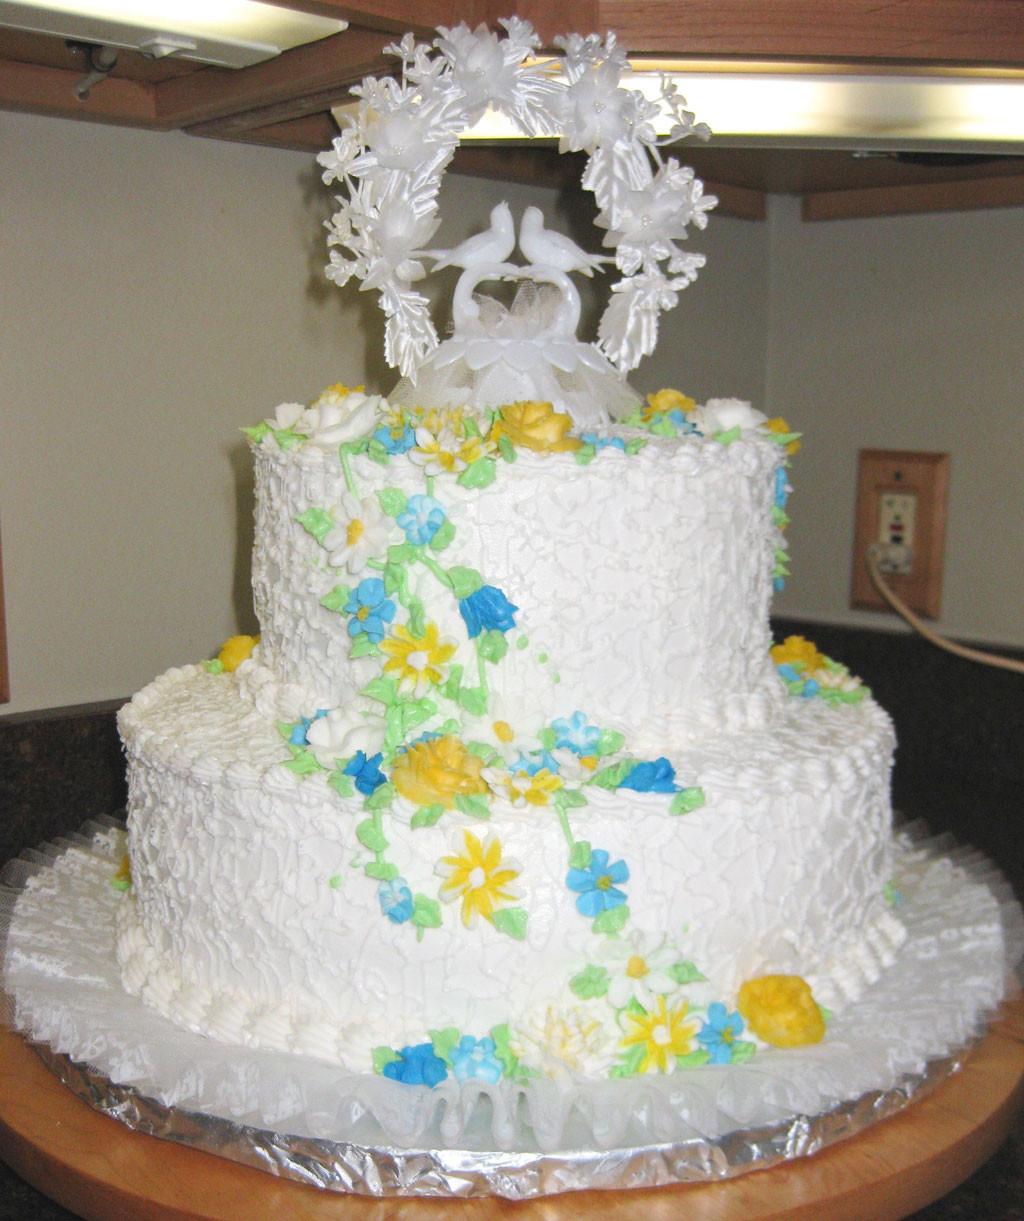 Two Layered Wedding Cakes  Double Layer Wedding Cake Pic 3 Wedding Cake Cake Ideas